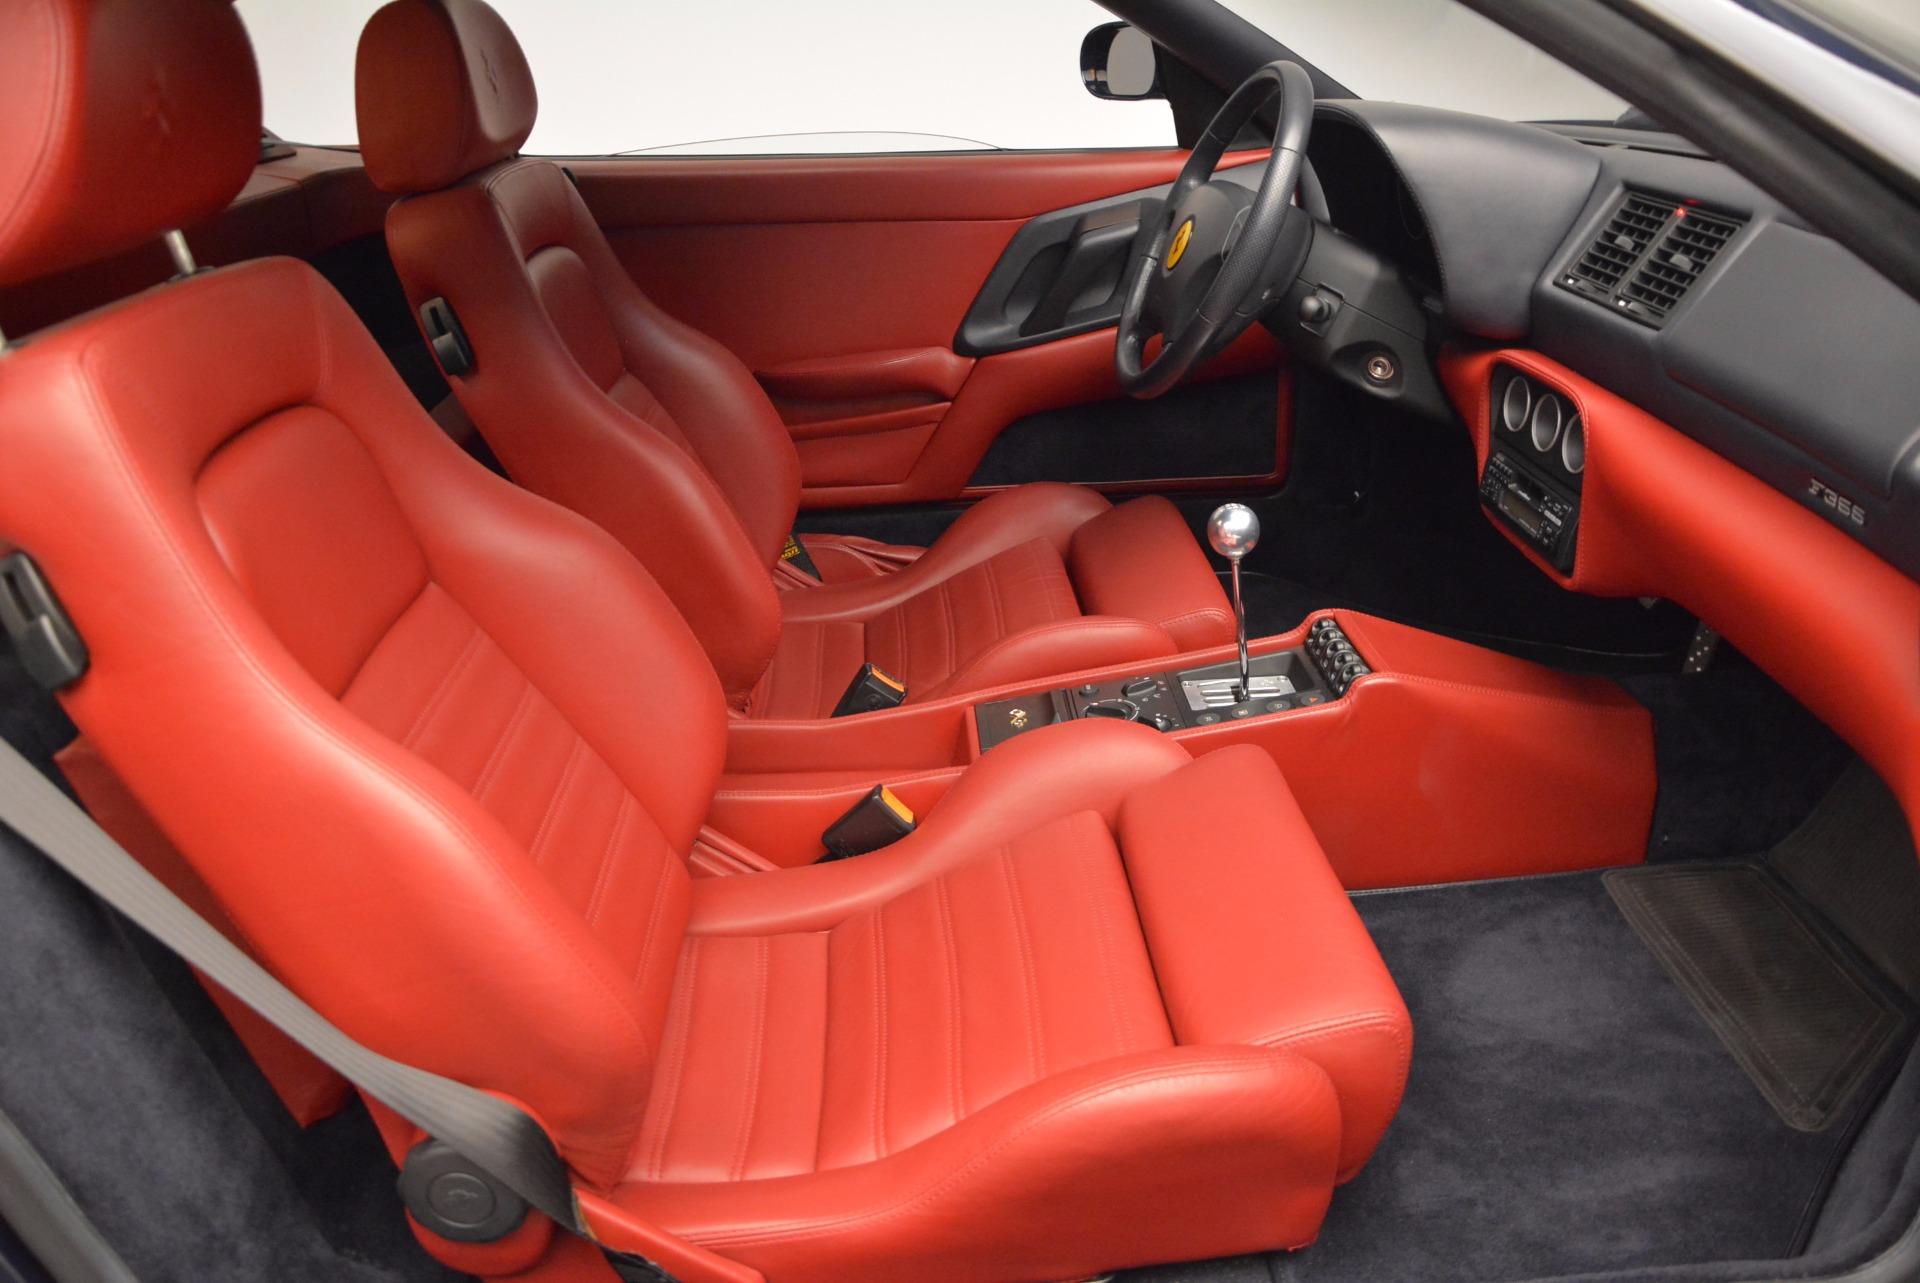 Used 1999 Ferrari 355 Berlinetta For Sale In Greenwich, CT. Alfa Romeo of Greenwich, 4357 855_p19